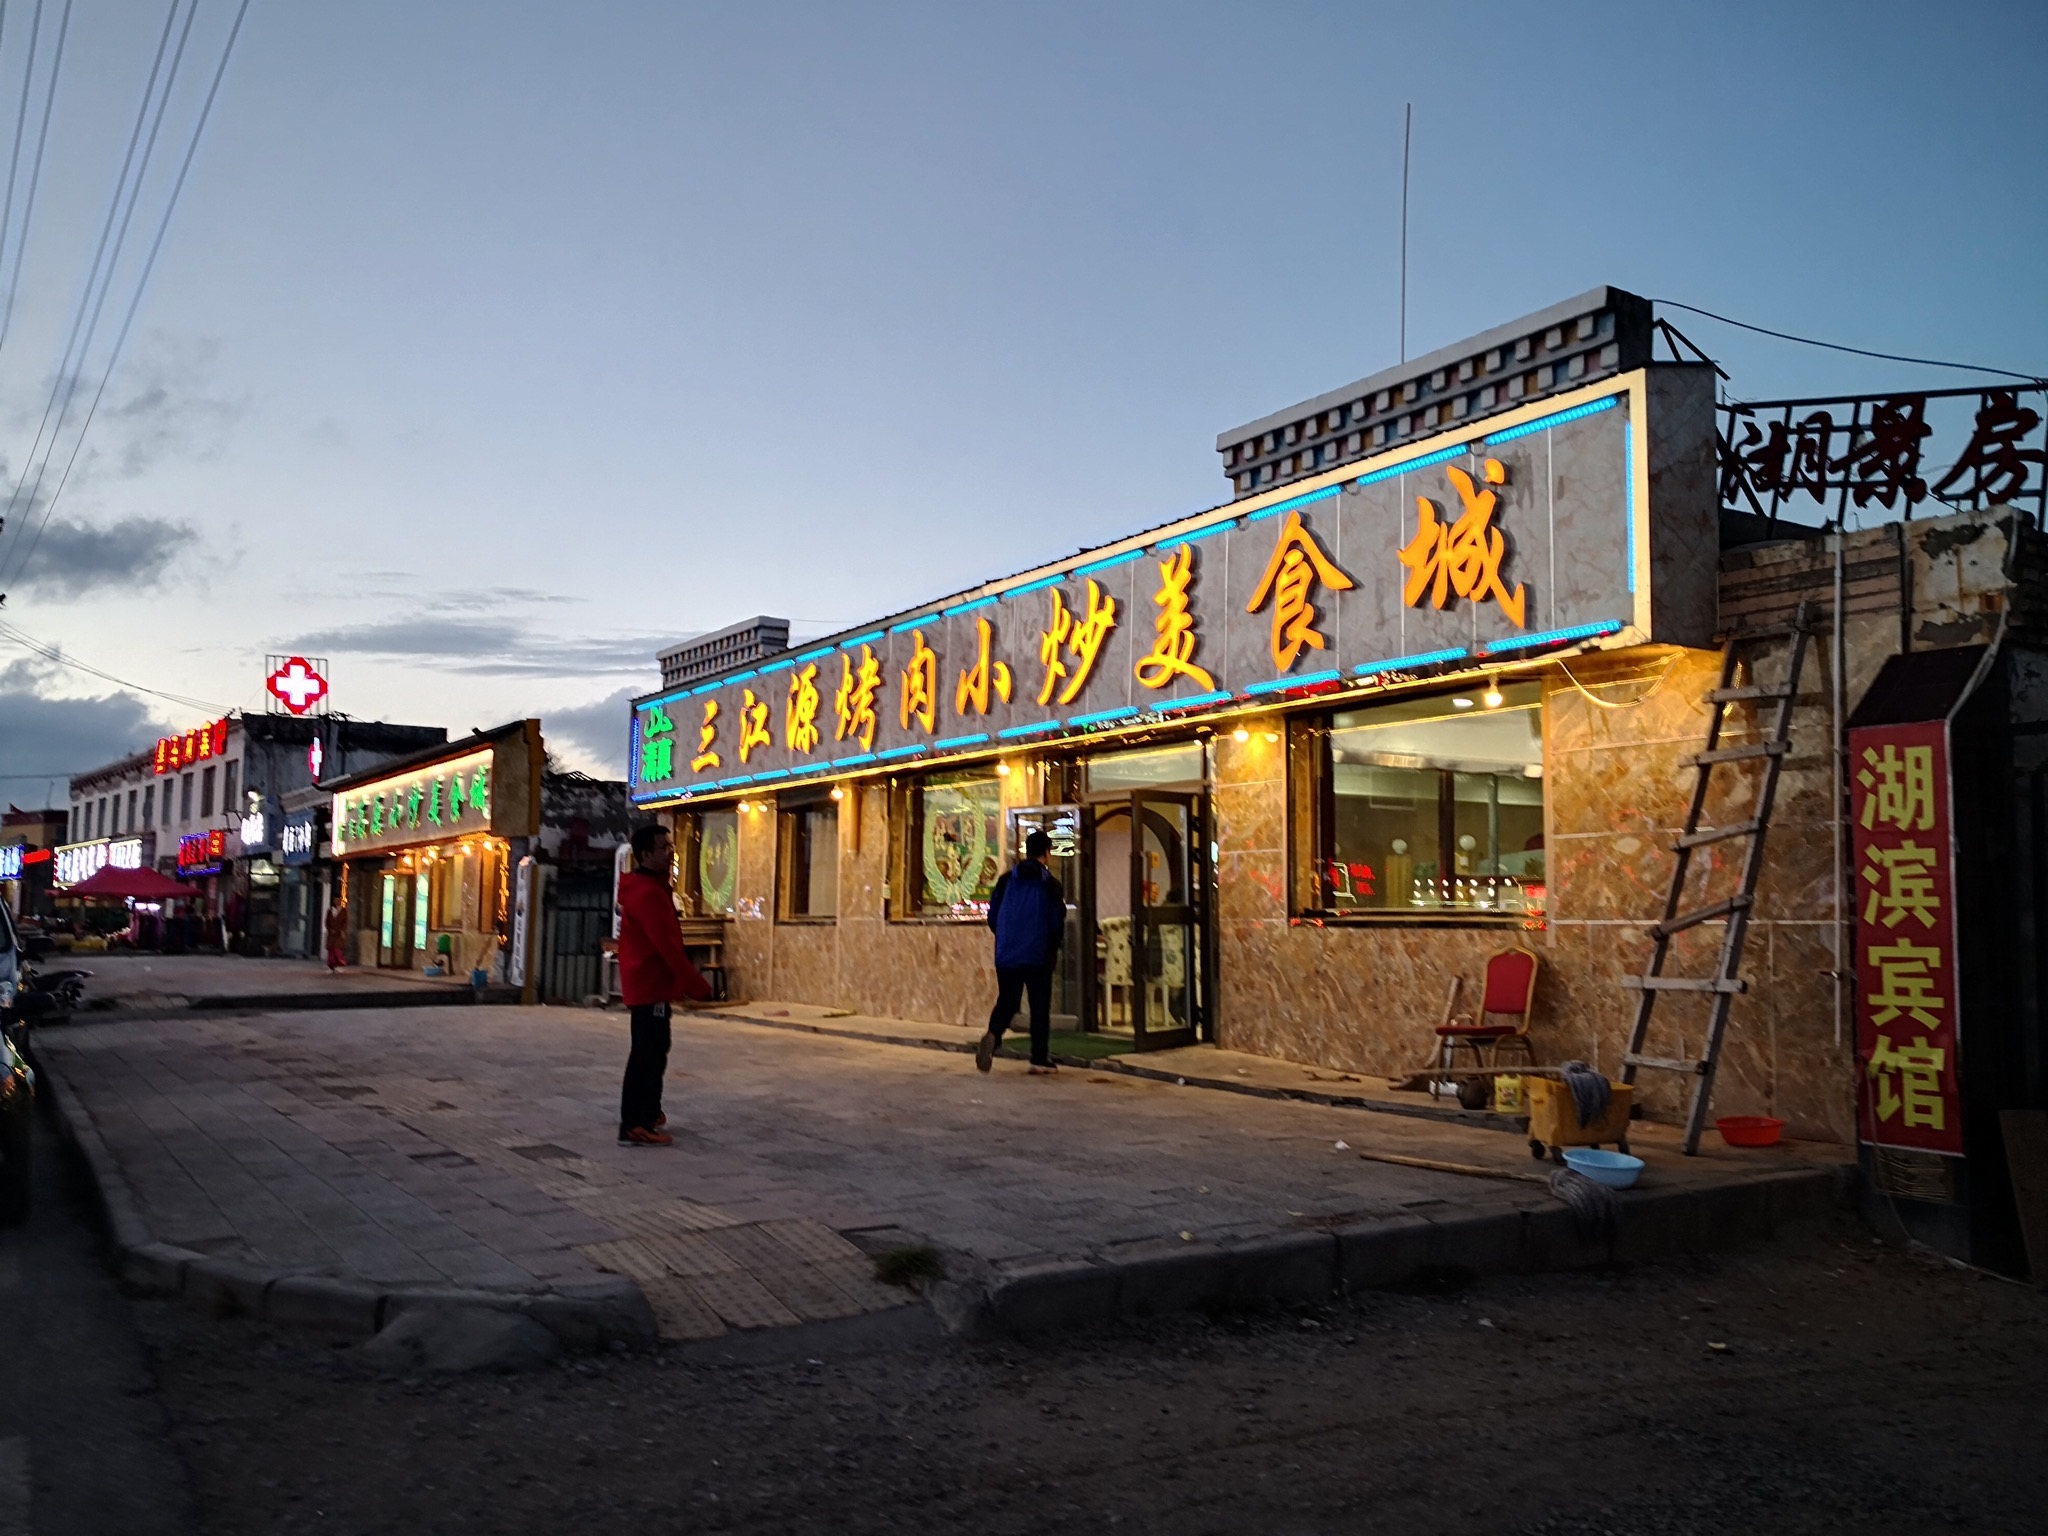 黑马河镇上的餐厅